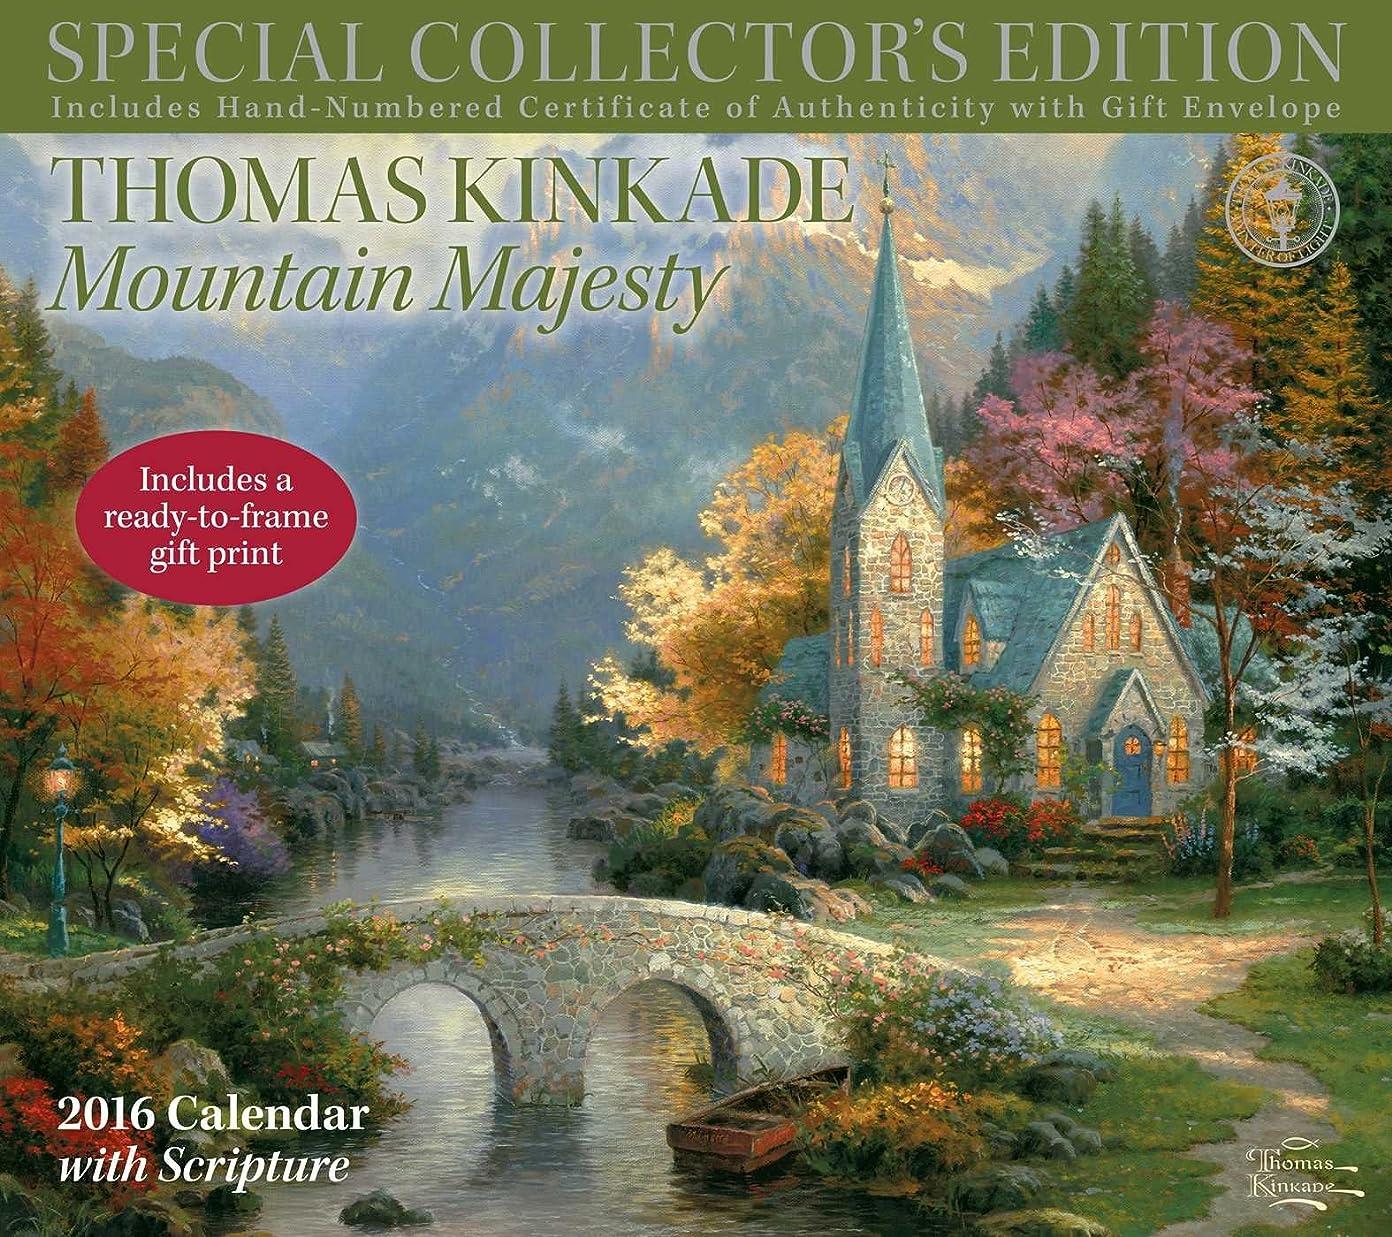 犯す抽象アマチュアThomas Kinkade Special Collector's Edition with Scripture 2016 Deluxe Wall Calen: Mountain Majesty